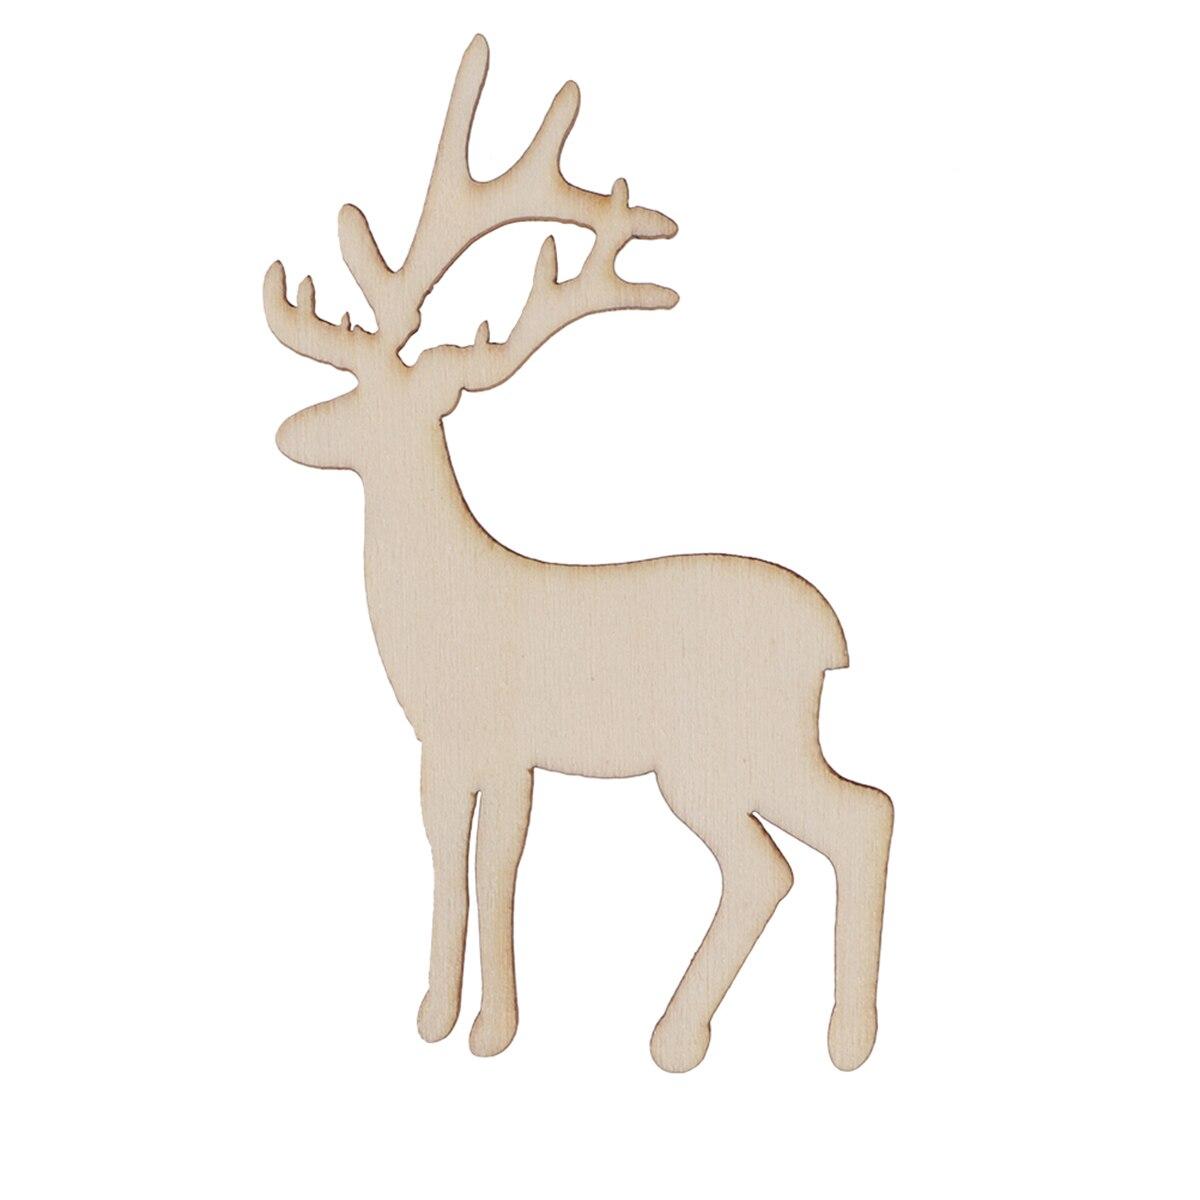 Wooden Reindeer Cutout Veneers Slices